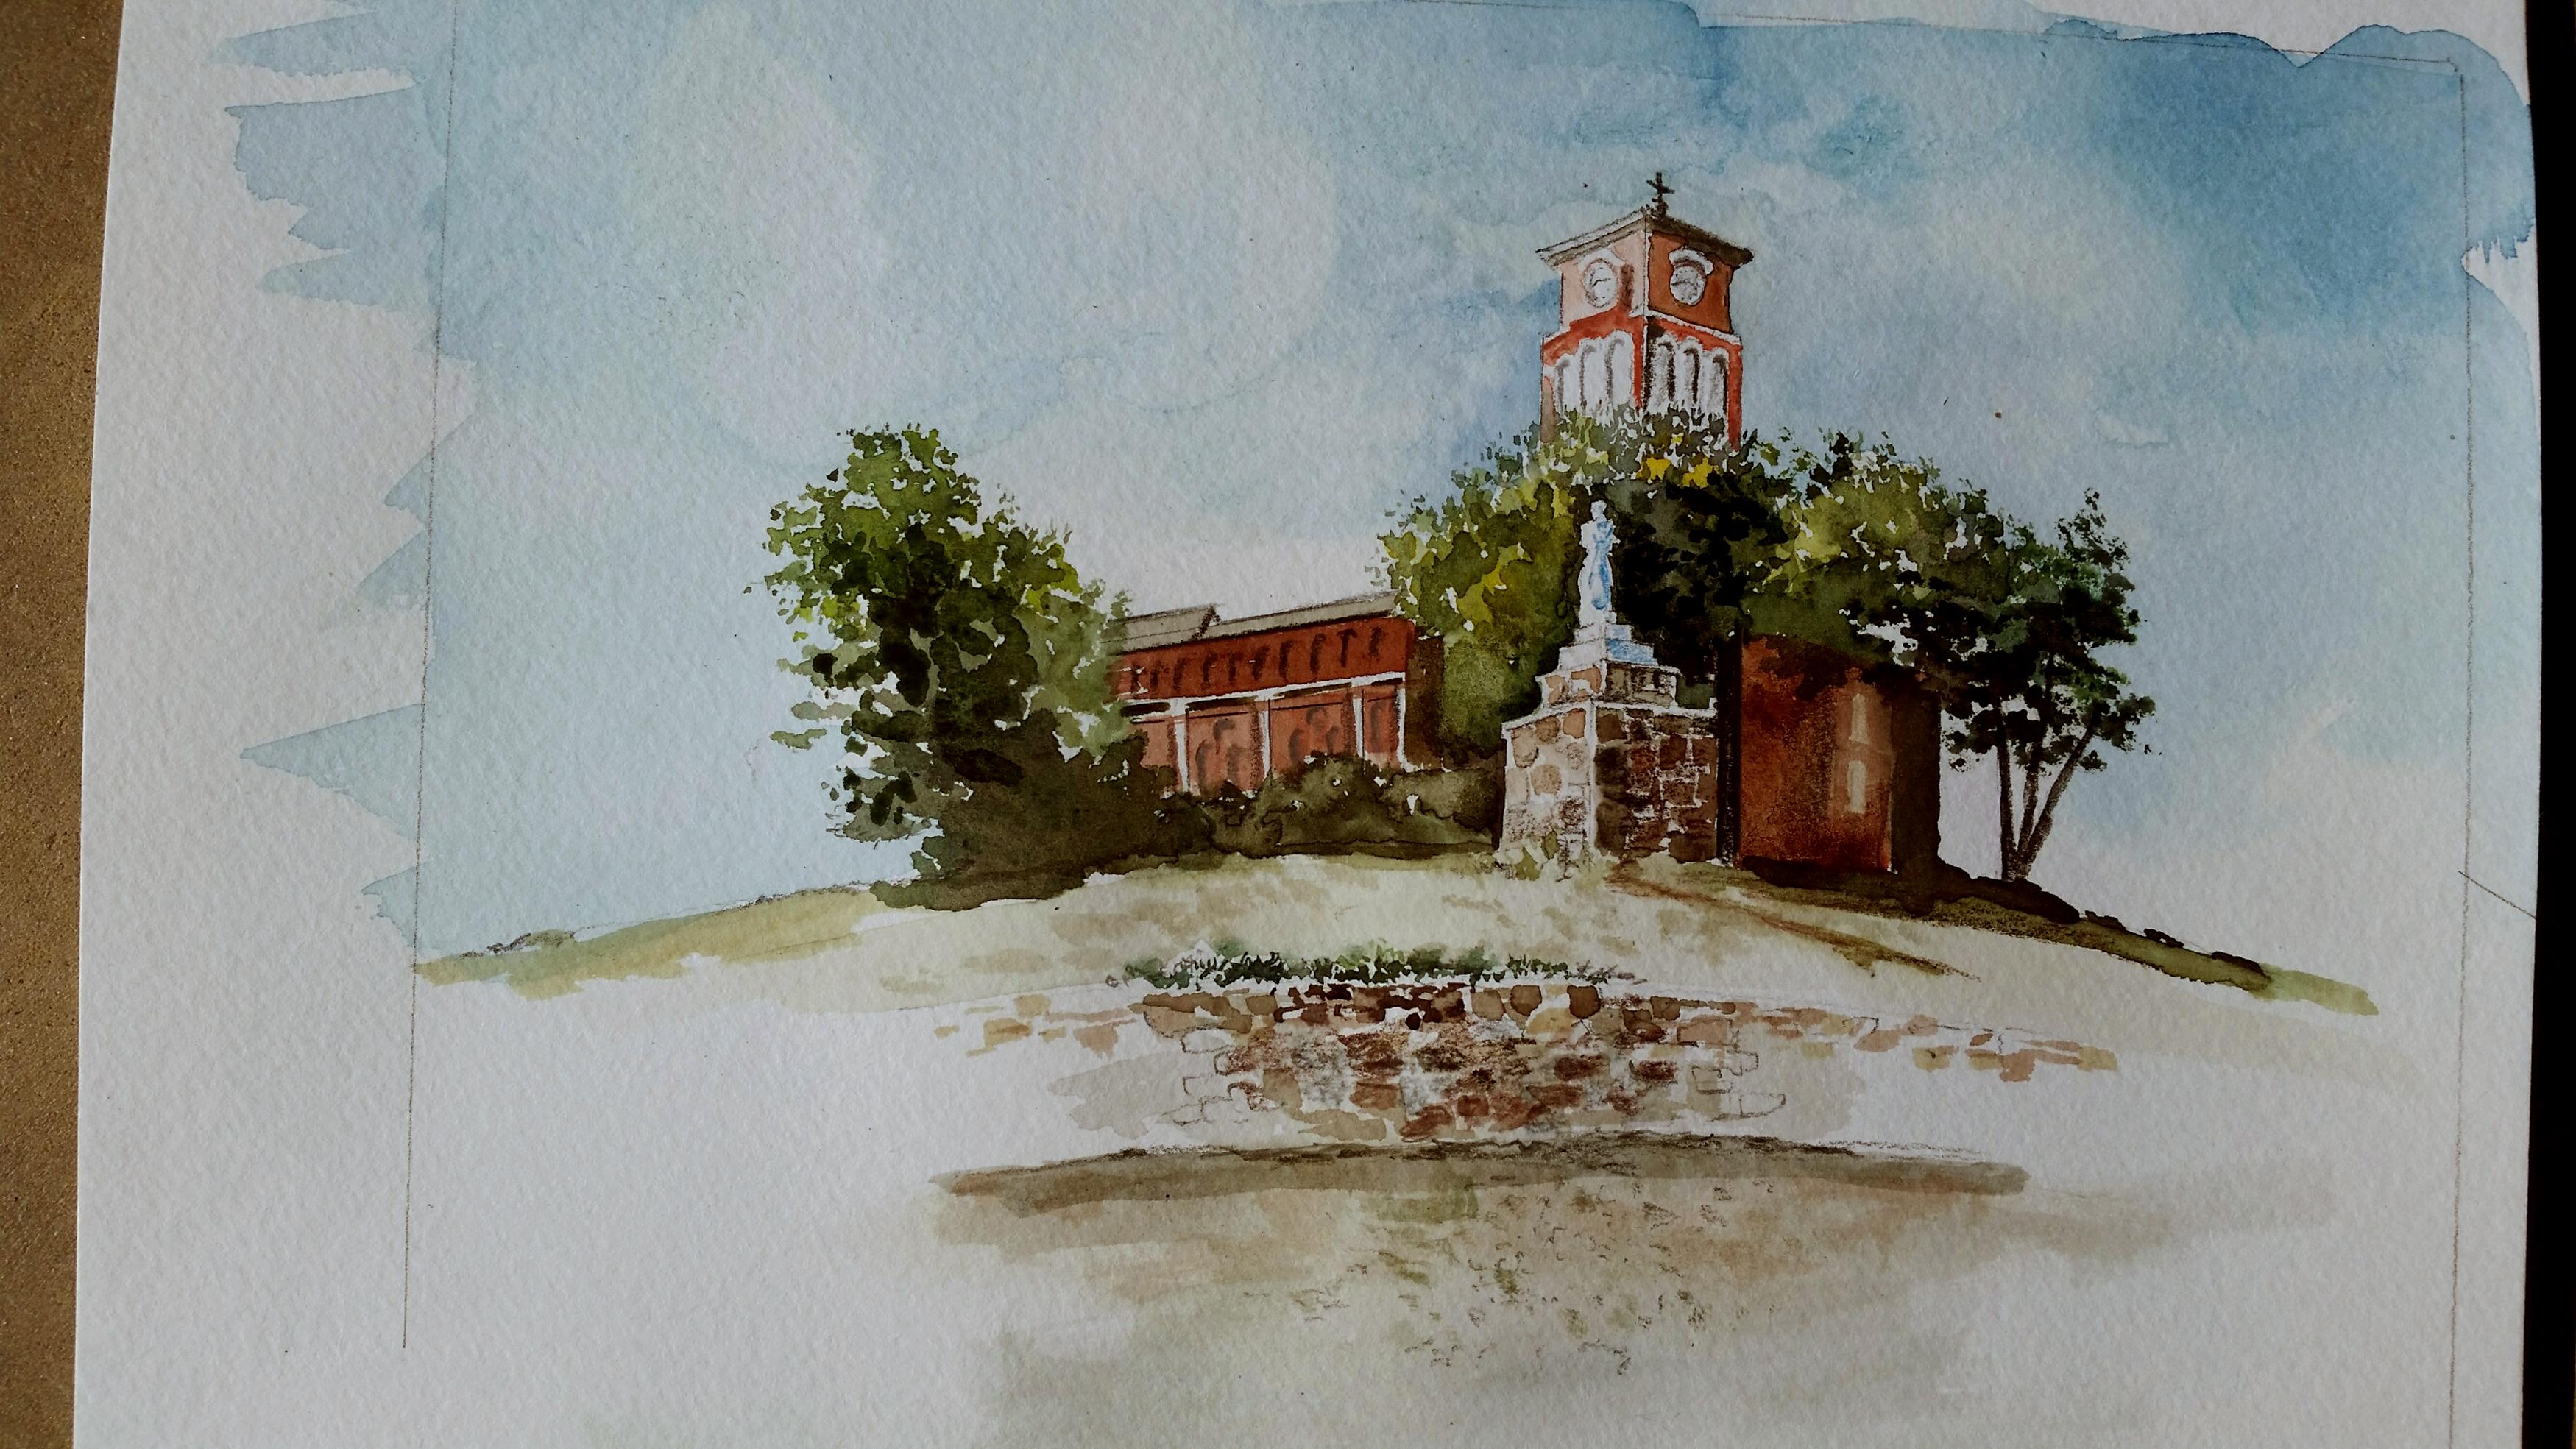 windhorst watercolor